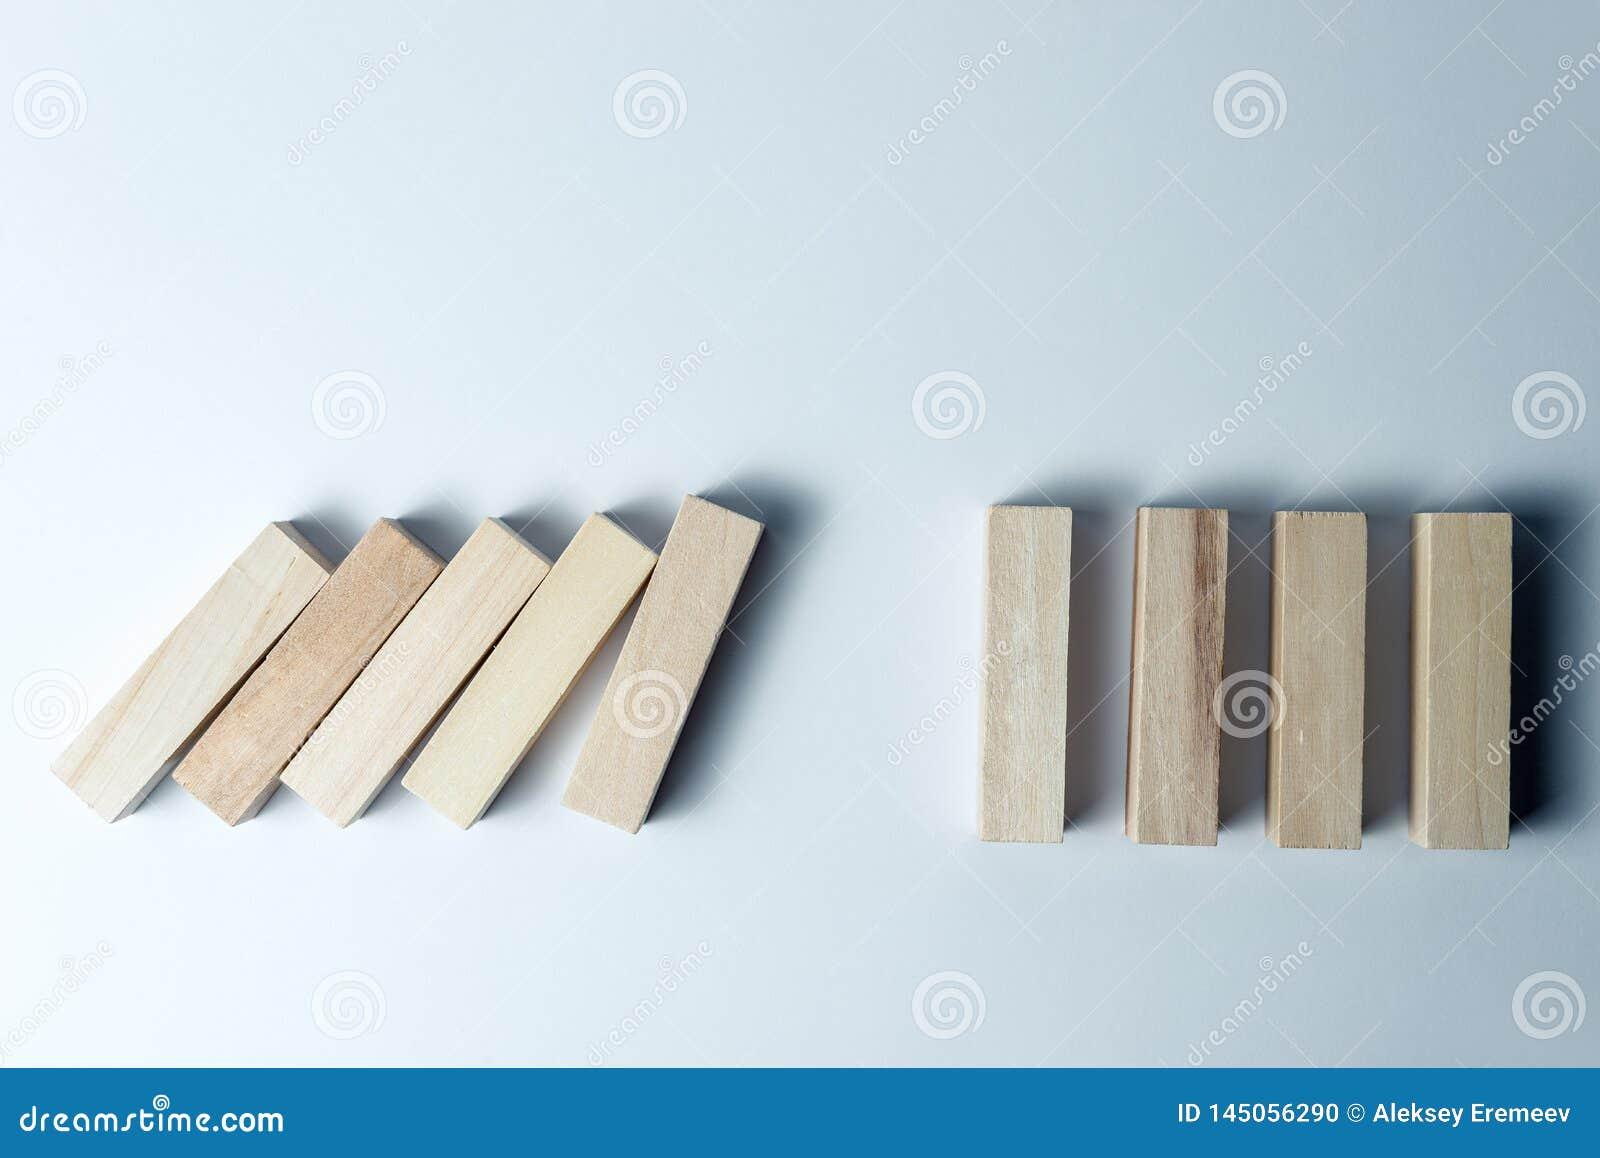 Dalende houten kubussen, als symbool van nederlaag, verkeerde besluit en instorting, betreffende een ongelijke witte achtergrond